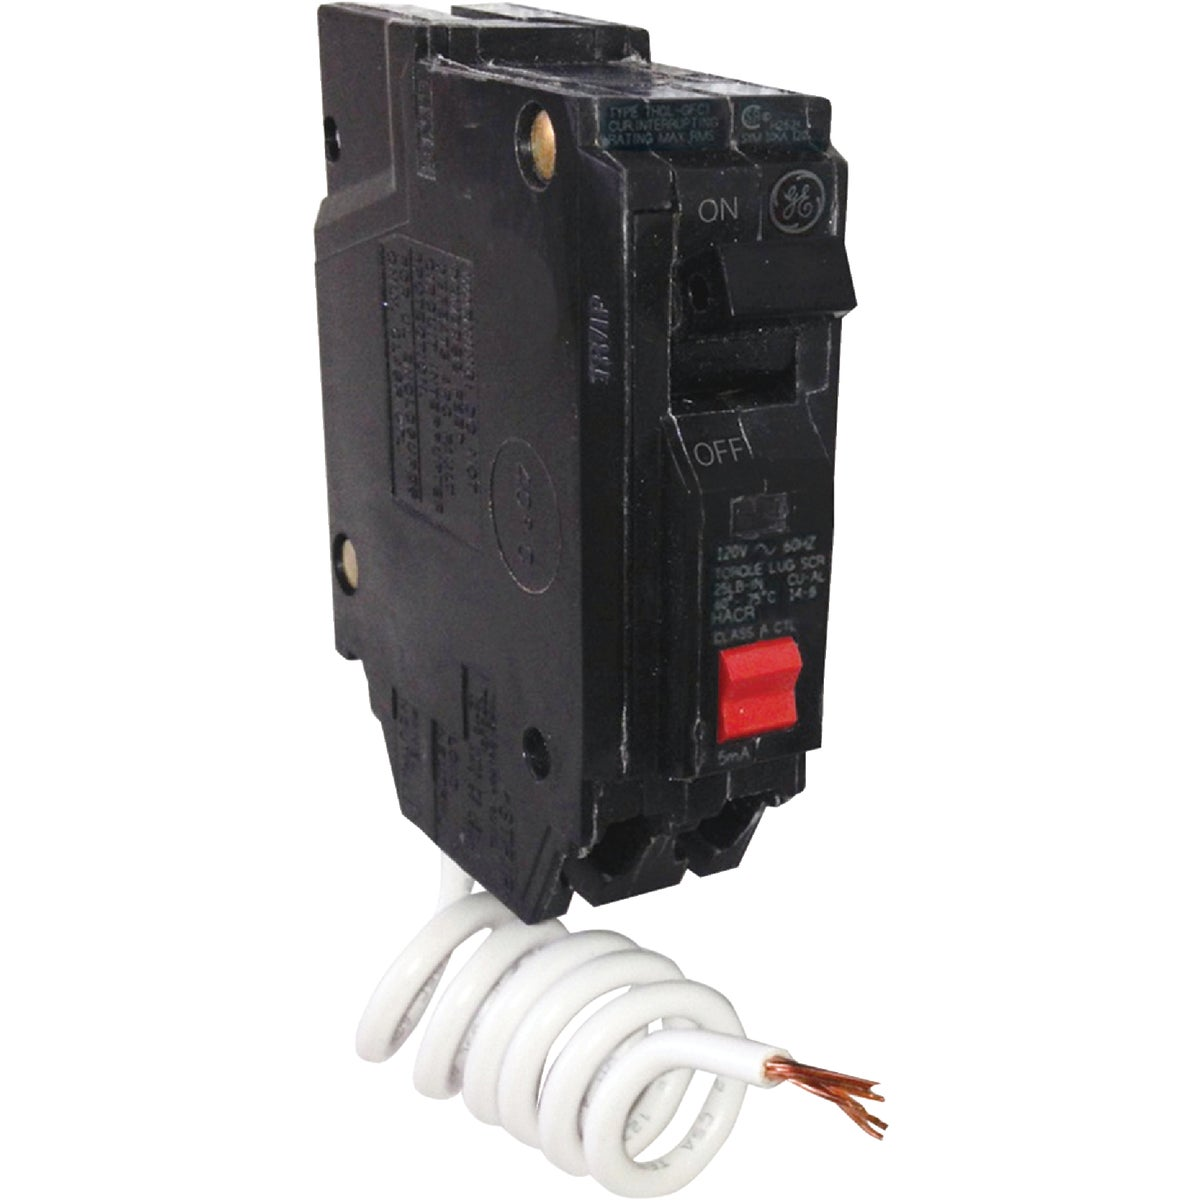 30A Gfi Circuit Breaker